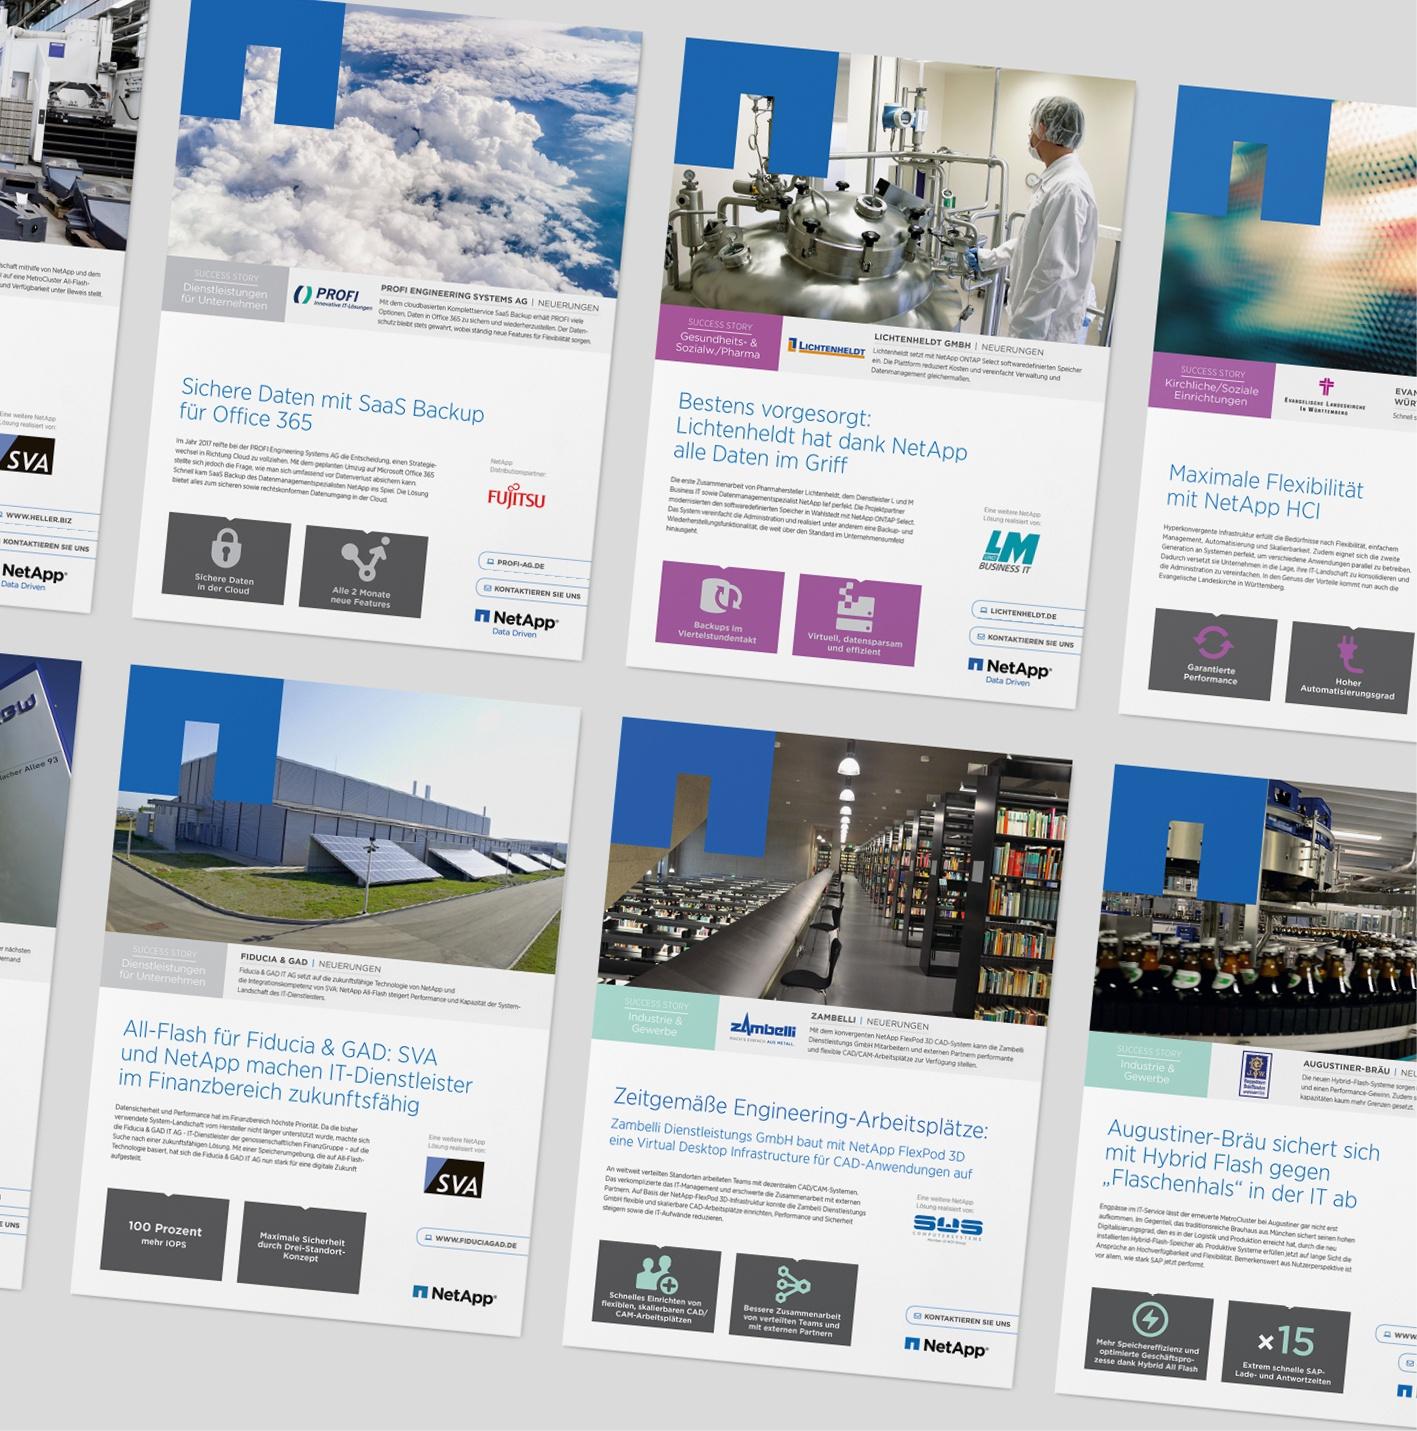 NetApp - Case Studies/Kundenreferenzen: Auftrage über Akime Media, Regelmäßige Case Studies – 4-seitig, Vorlage, Template und Umsetzung des Newsletters, deutsch oder englisch